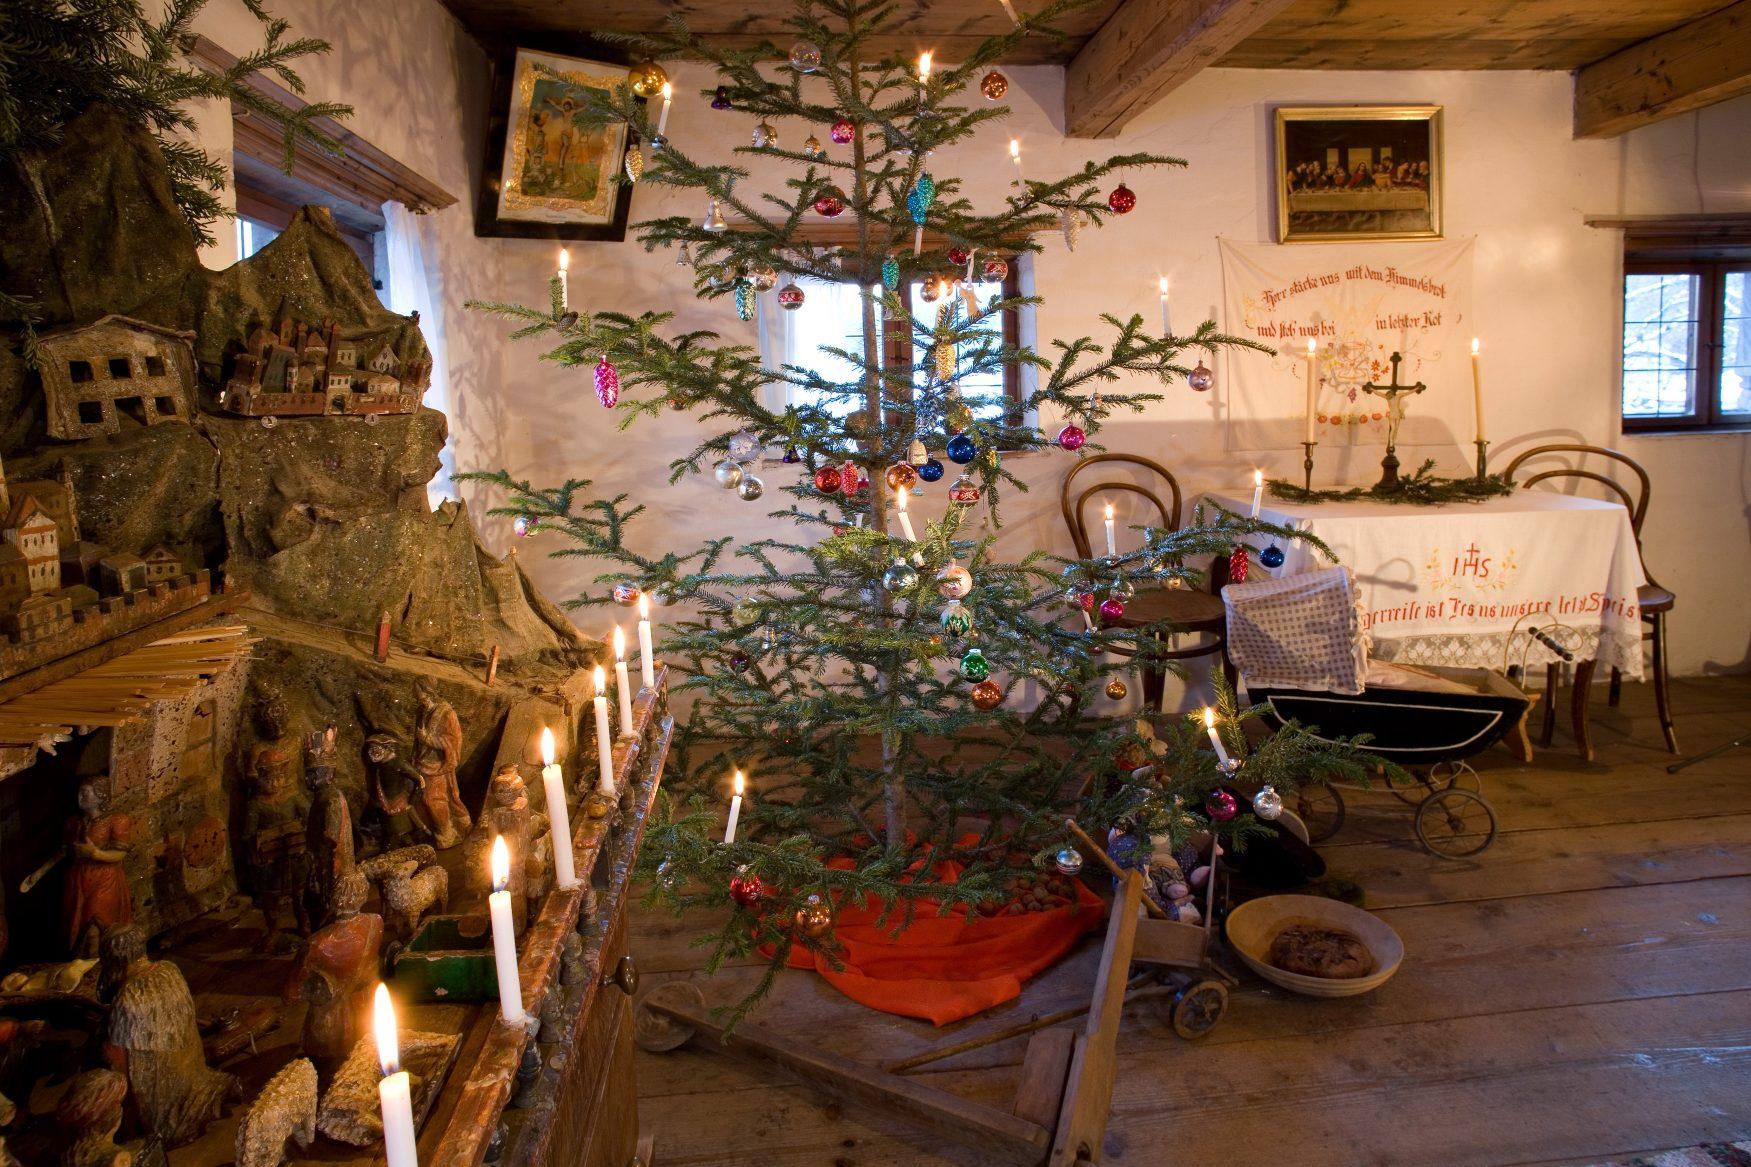 Bauernkammer_mit_Krippe_u_Christbaum_c_www.alpline.at